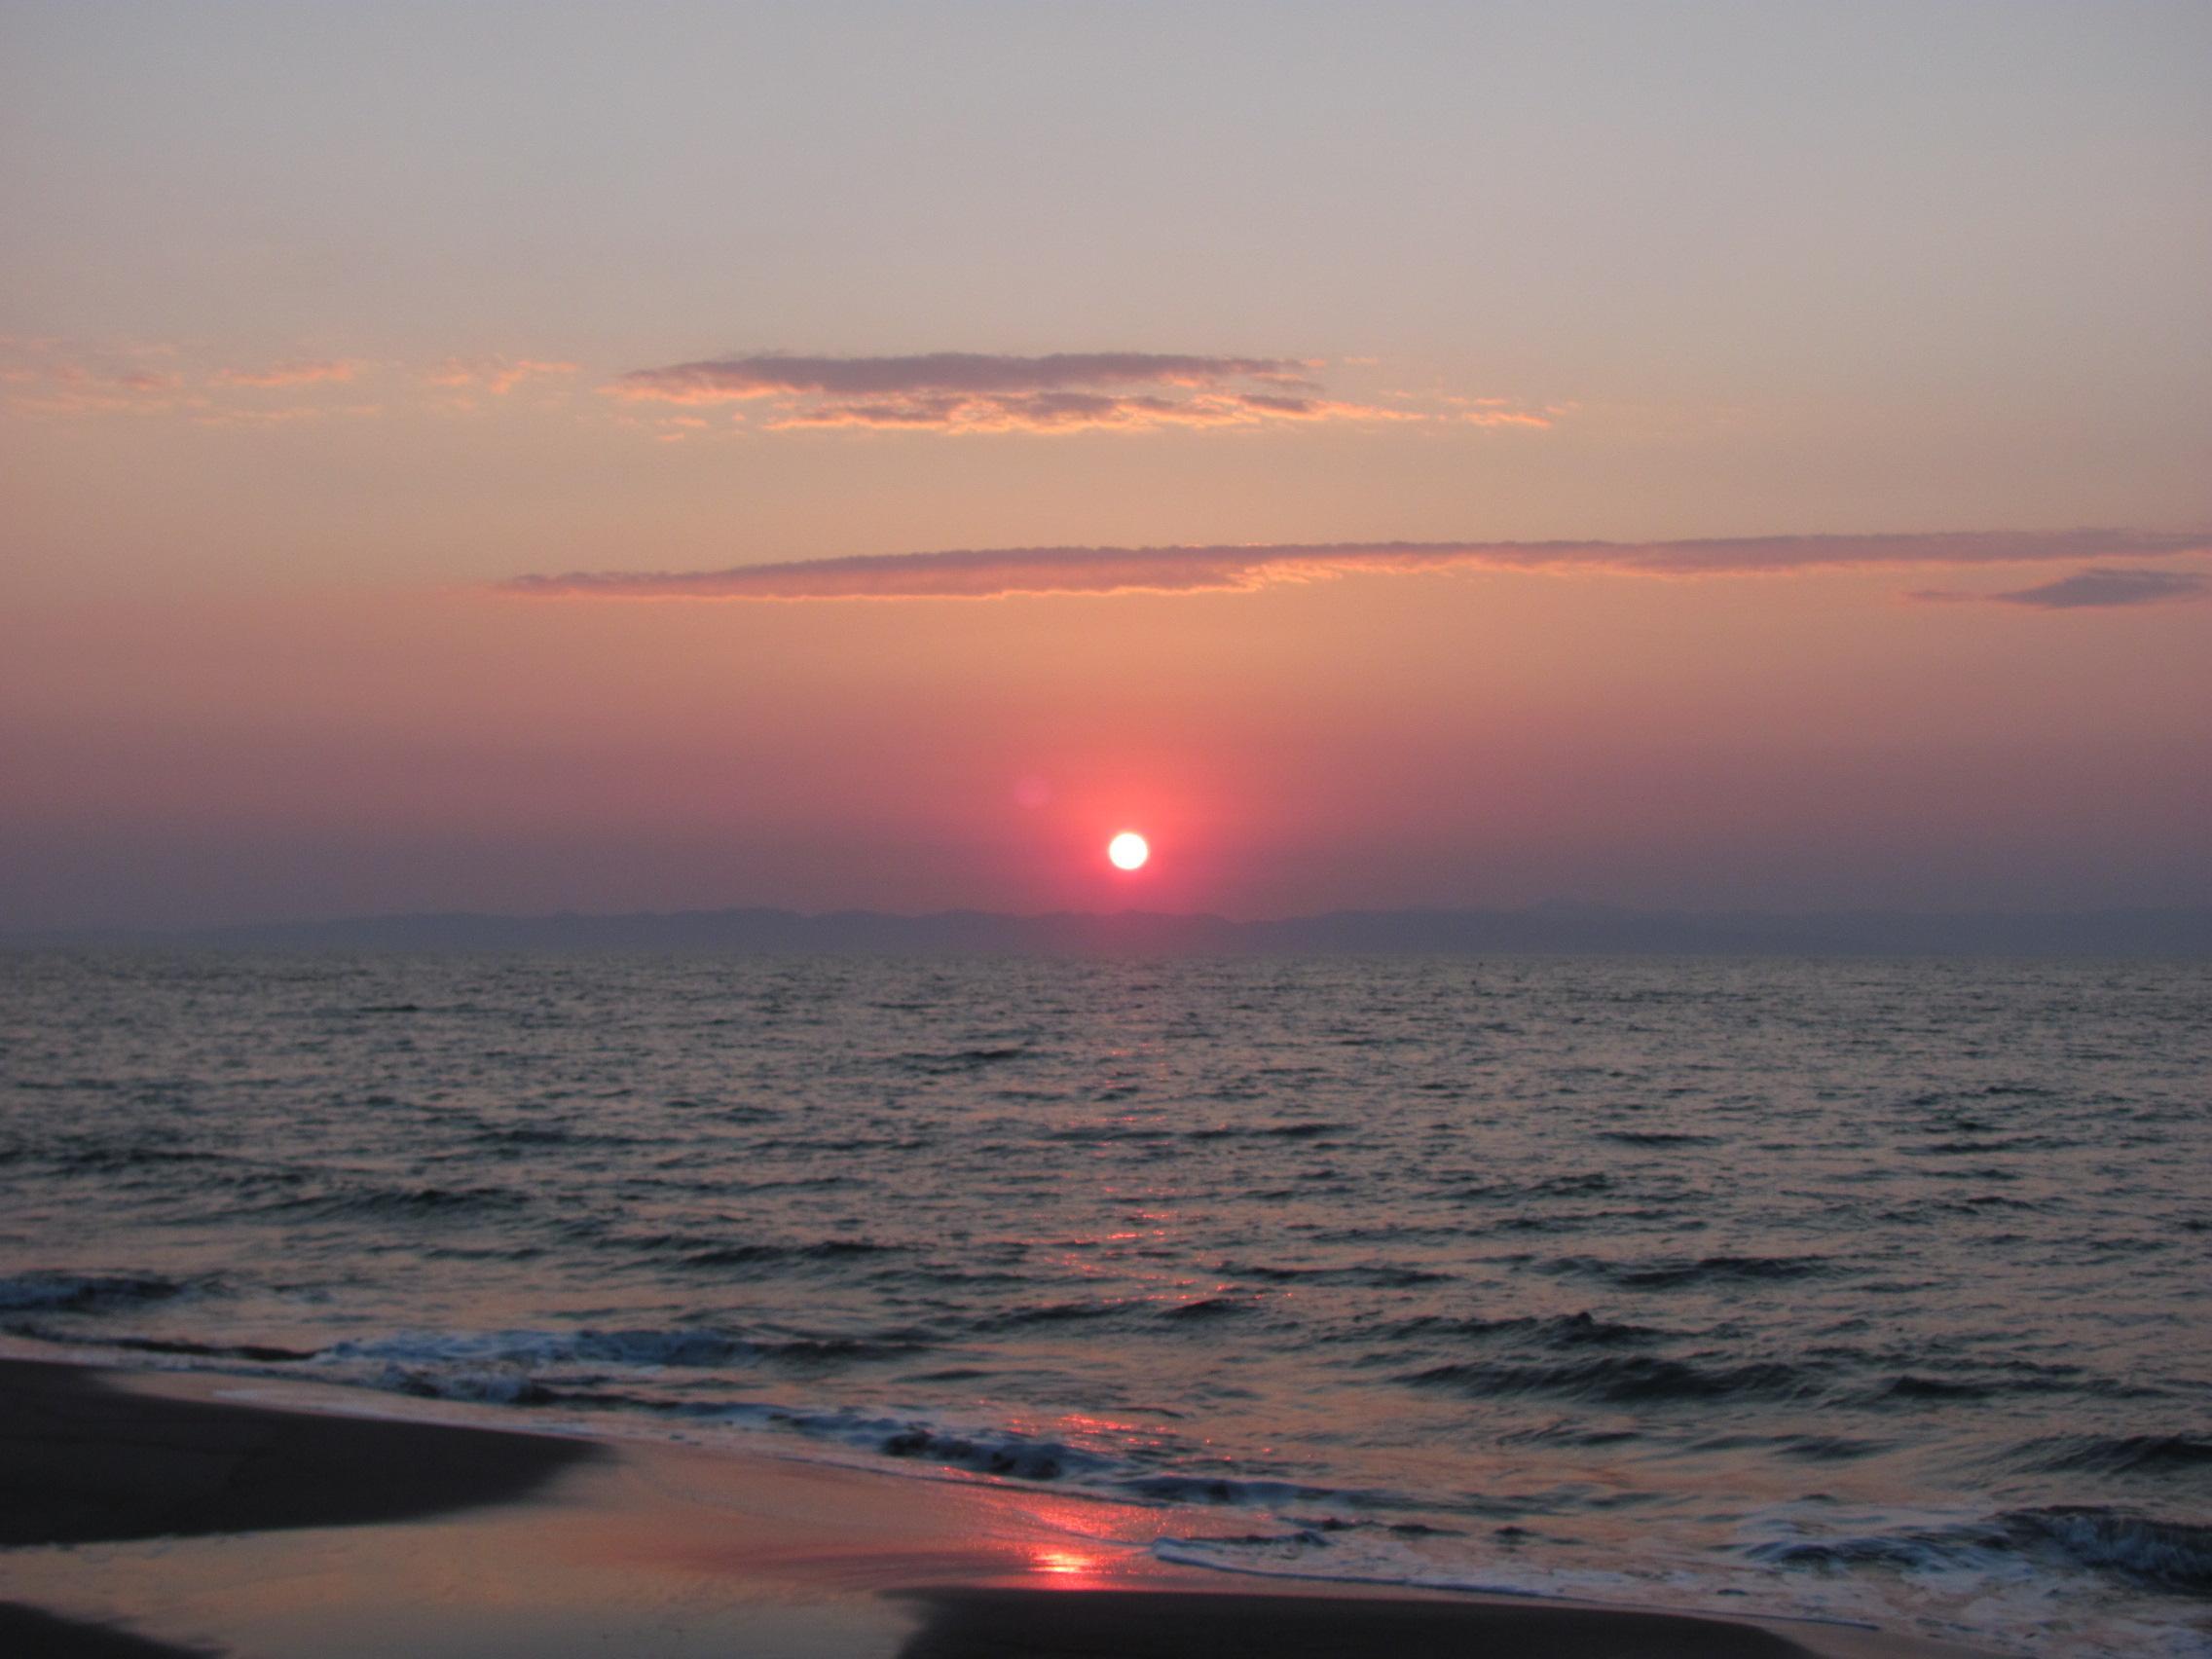 佐渡島に沈む夕日の無料写真(オーフリー写真素材)